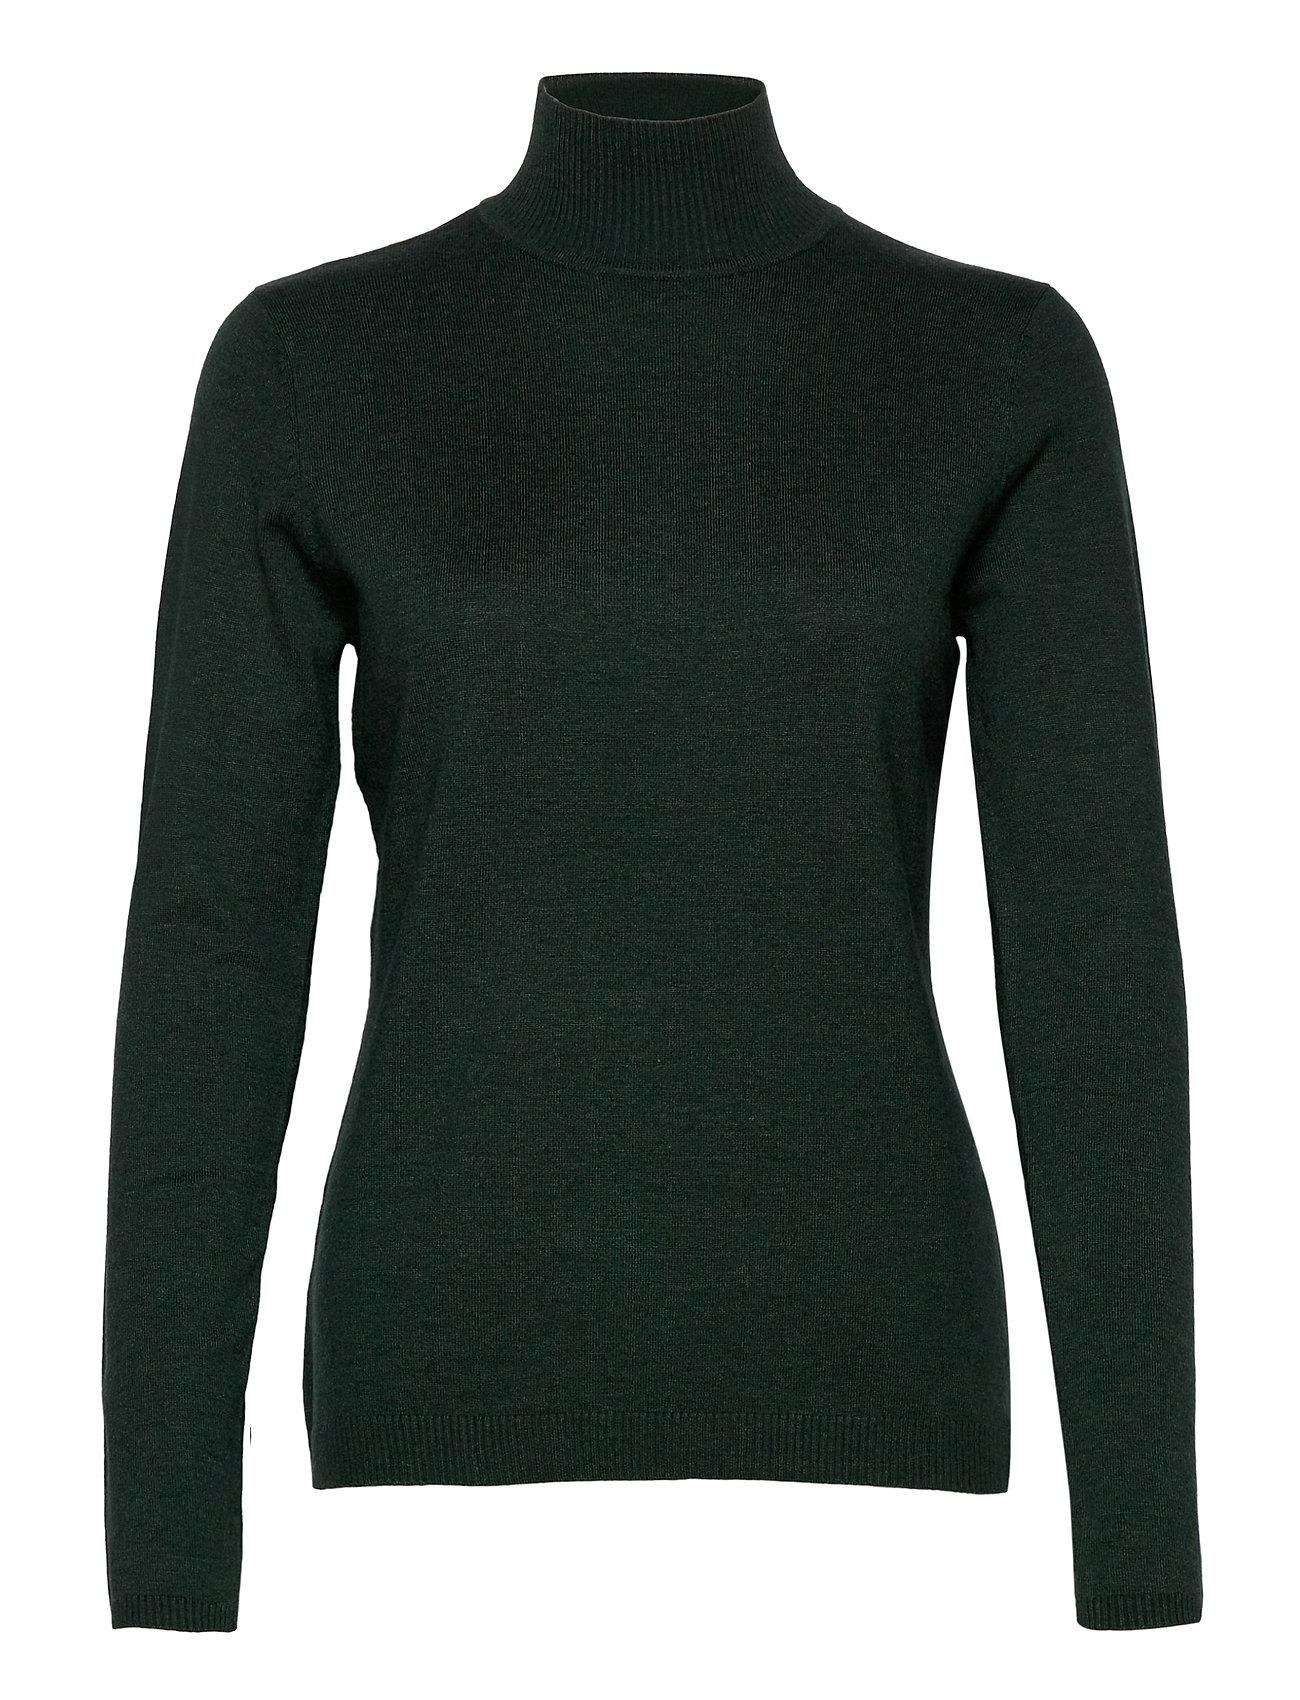 Minus Lana roll neck knit - GREEN GABLES MELANGE